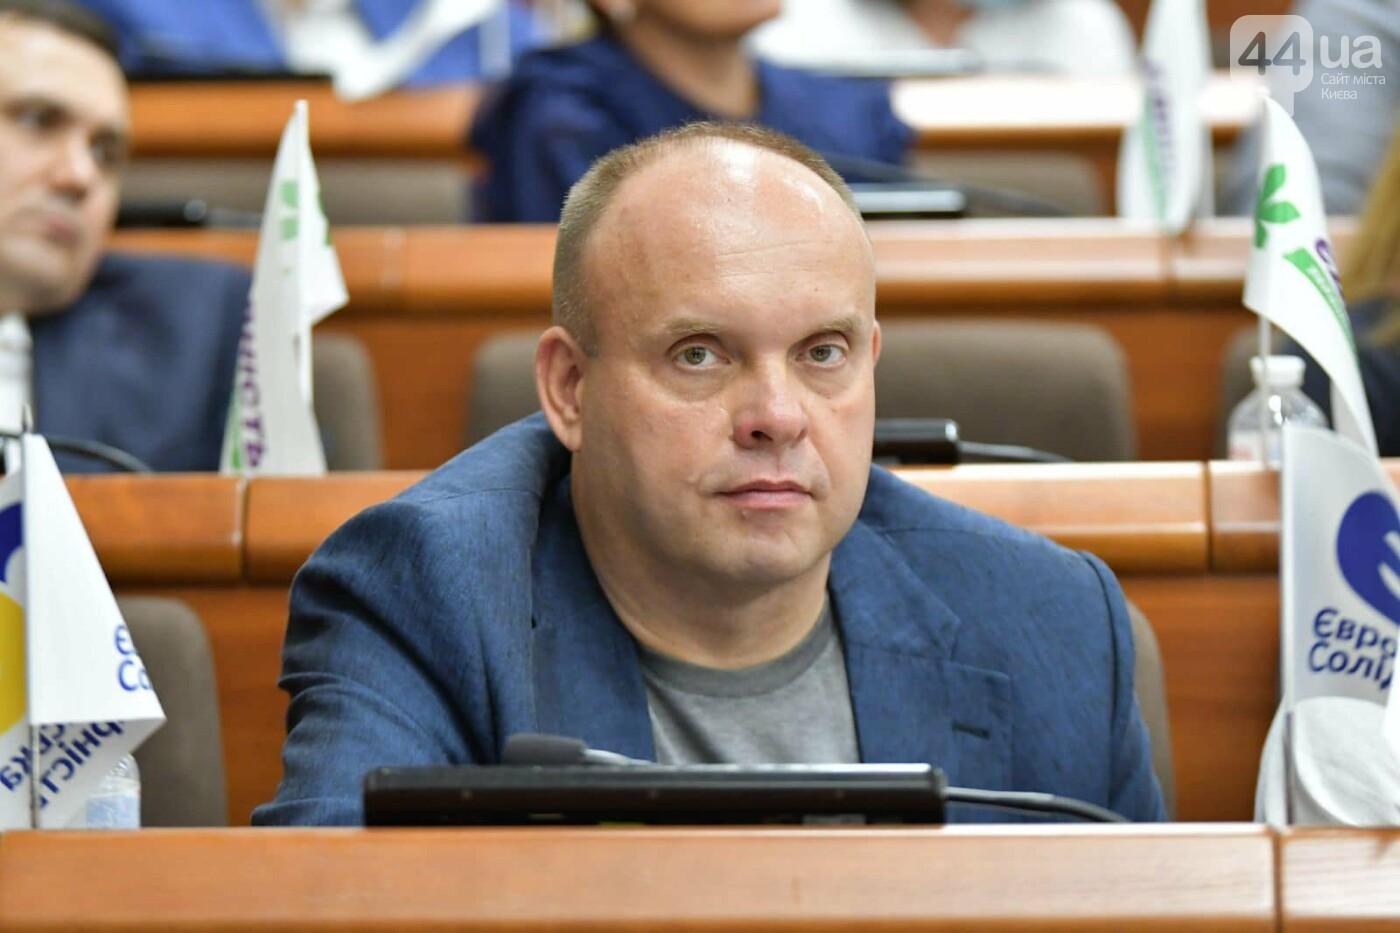 Заместитель председателя комиссии по вопросам ЖКХ и ТЭК Юрий Тихонович, Источник: Facebook-страница ПП «Европейская солидарность